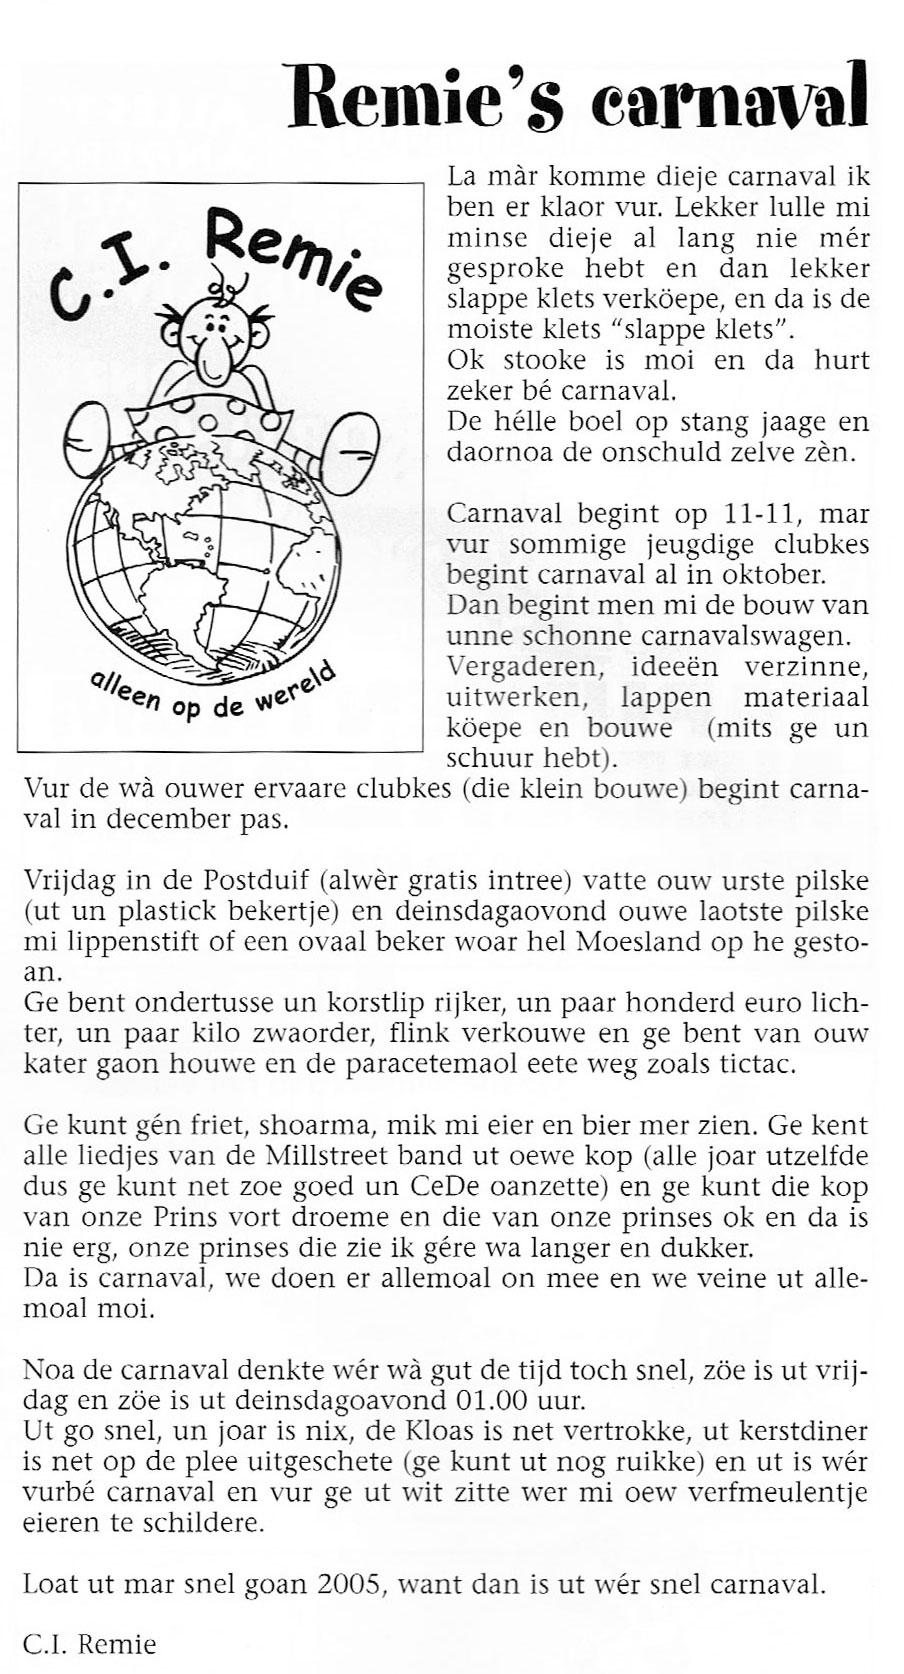 Stukje van C.I. Remie uit de carnavalskrant van 2005